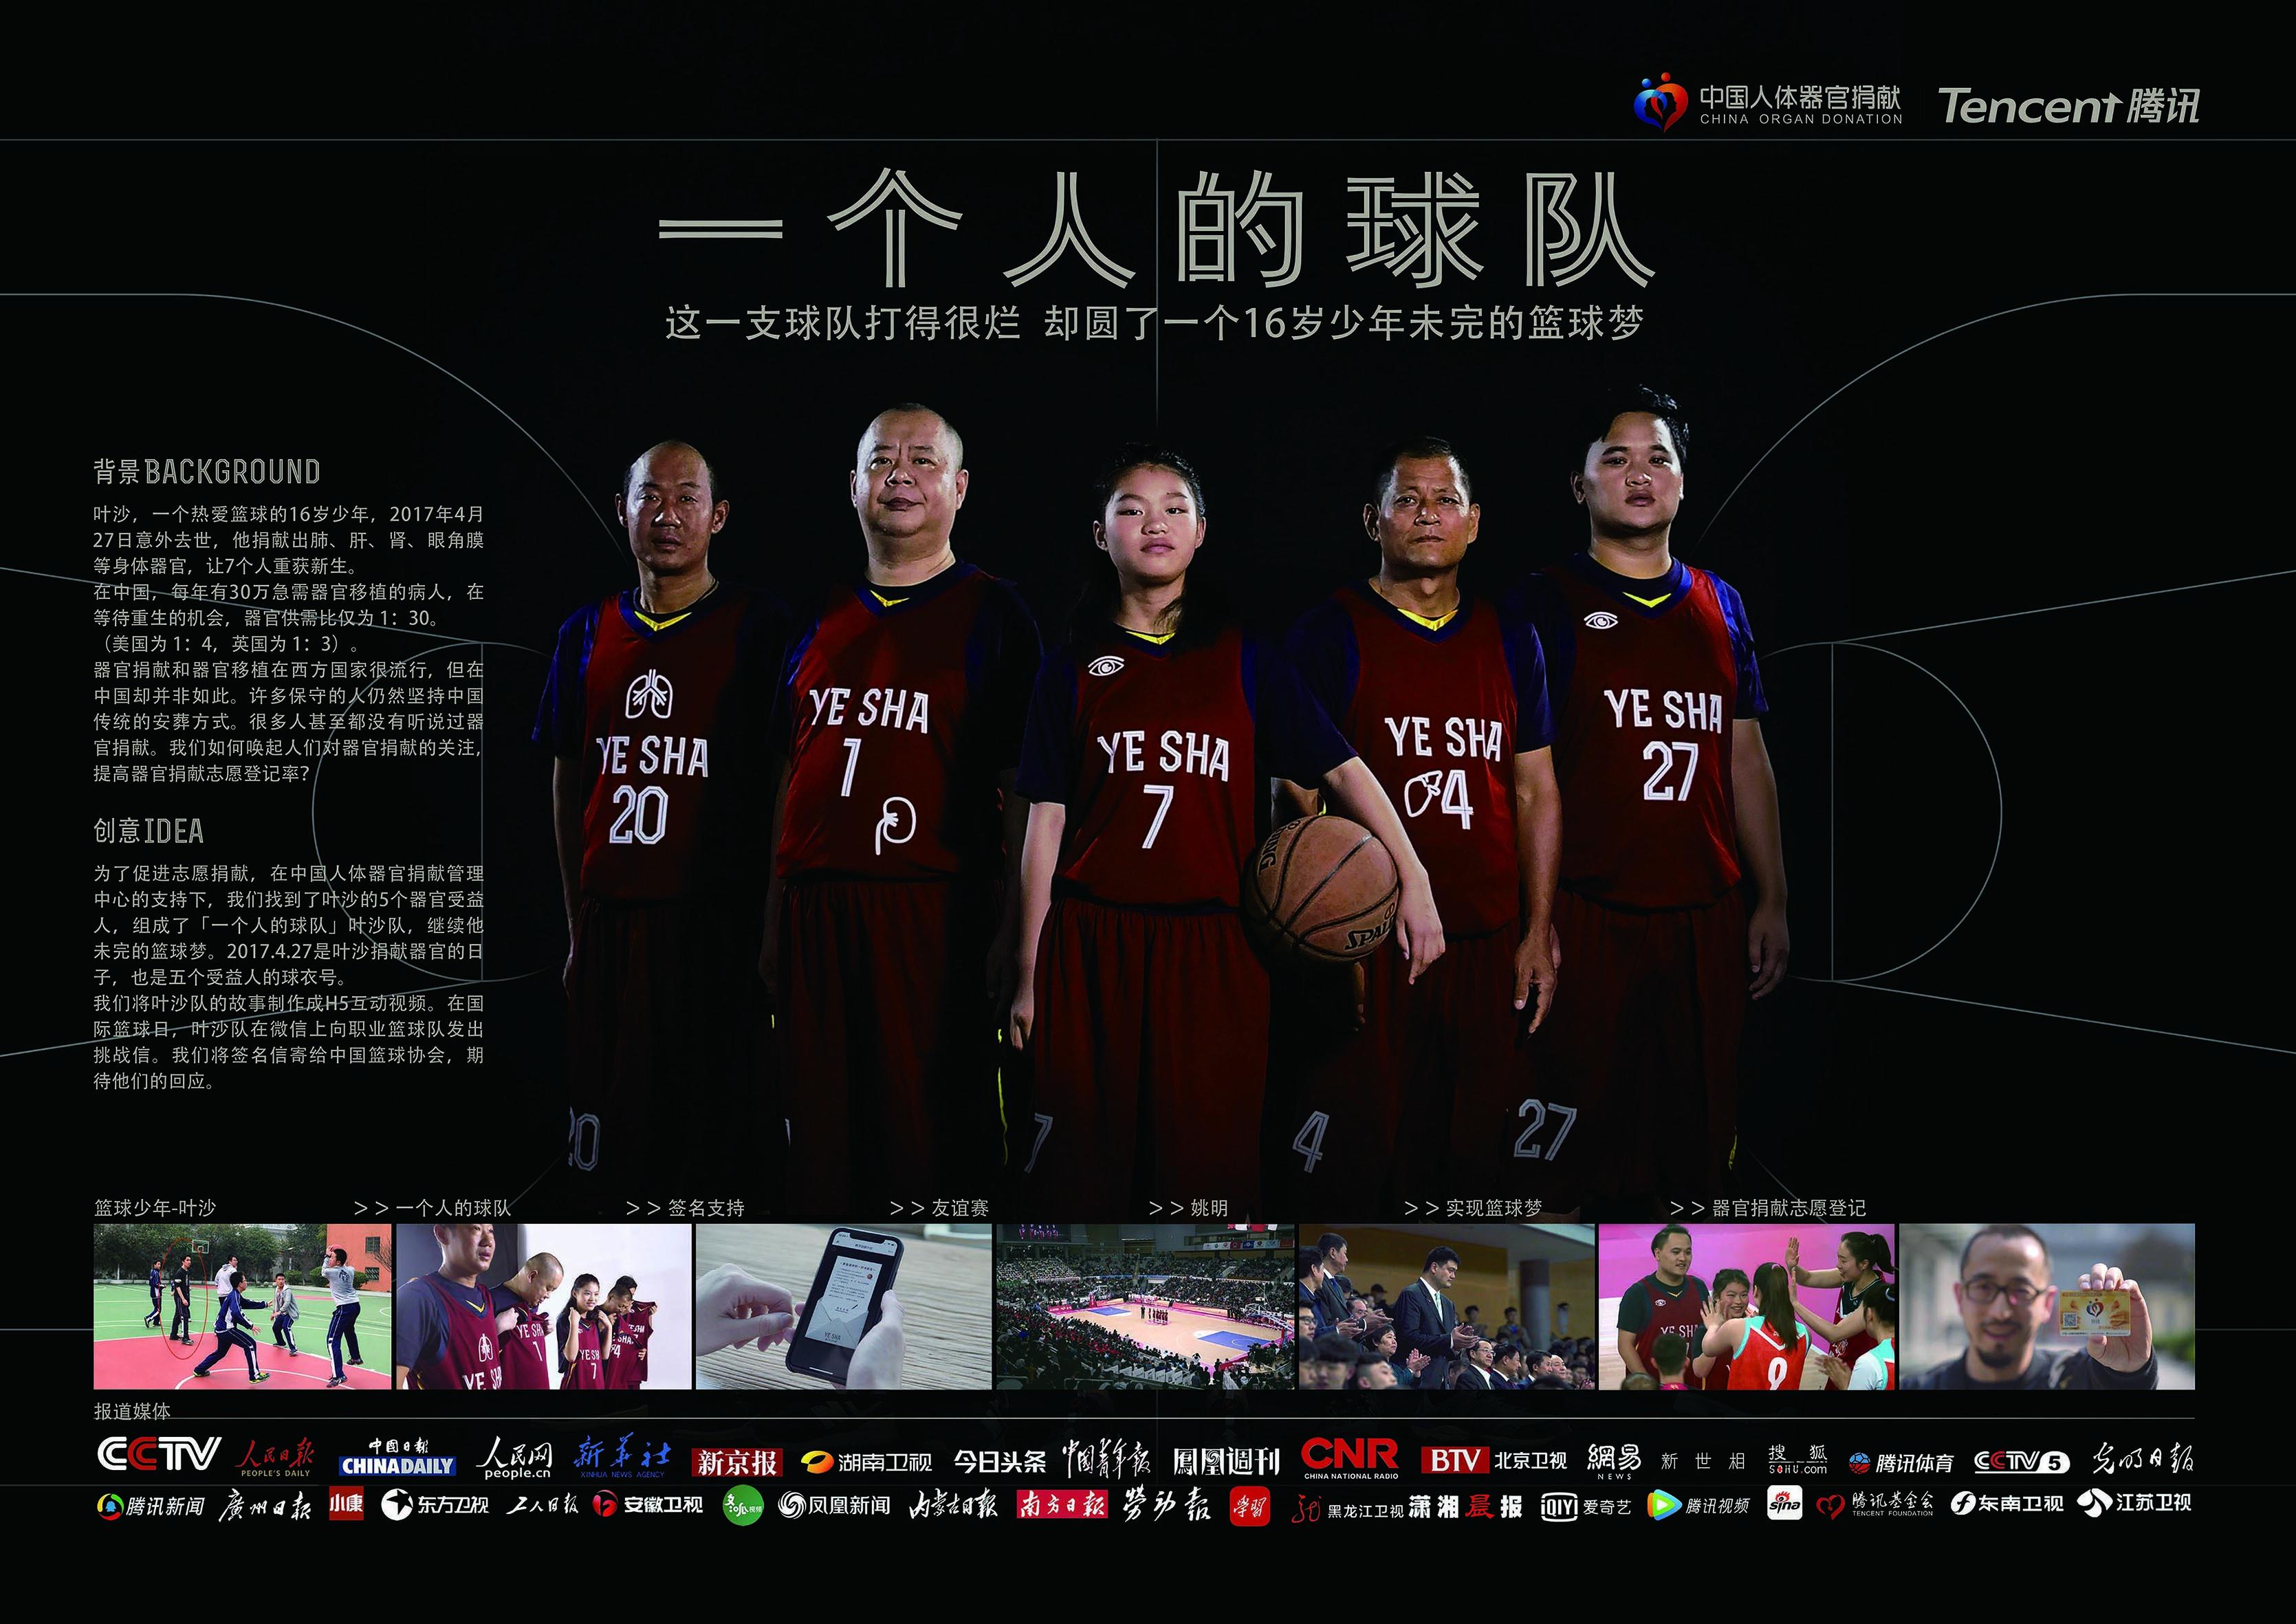 2019_cn_2019_e192-gn-164671755_hero_1